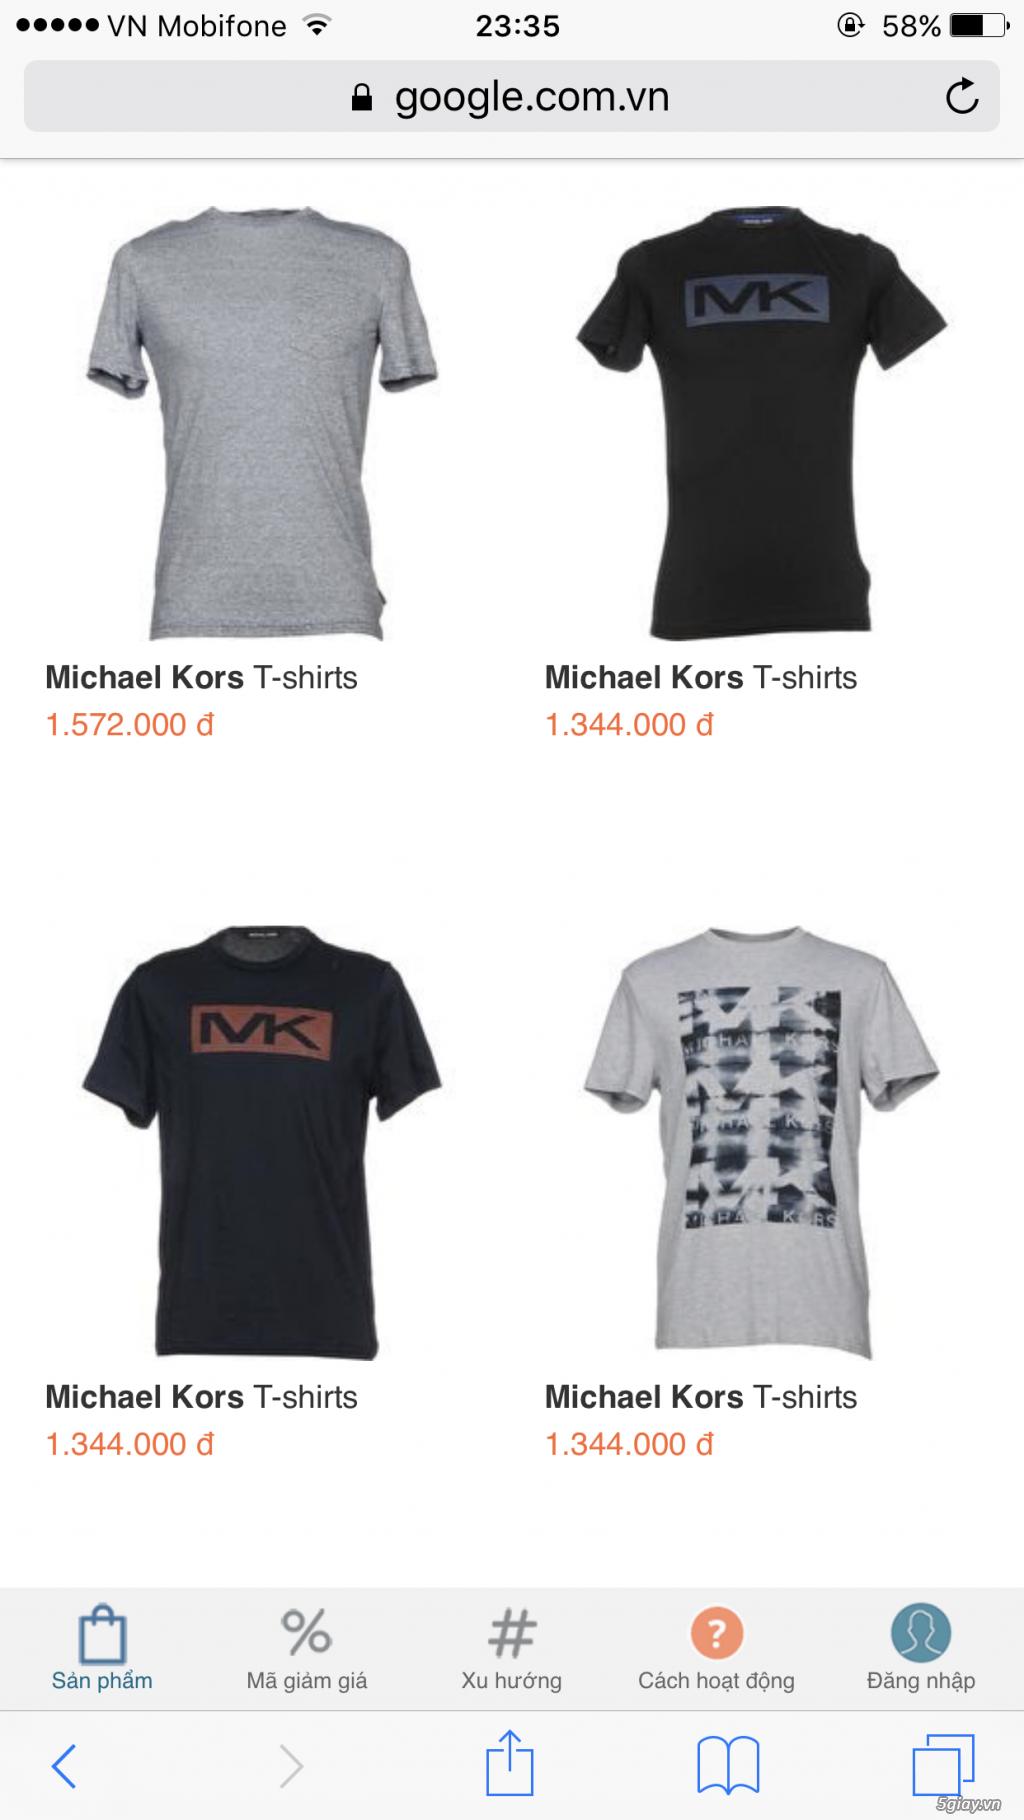 Michael kors xách tay chính hãng usa , nổi tiếng toàn cầu . - 15